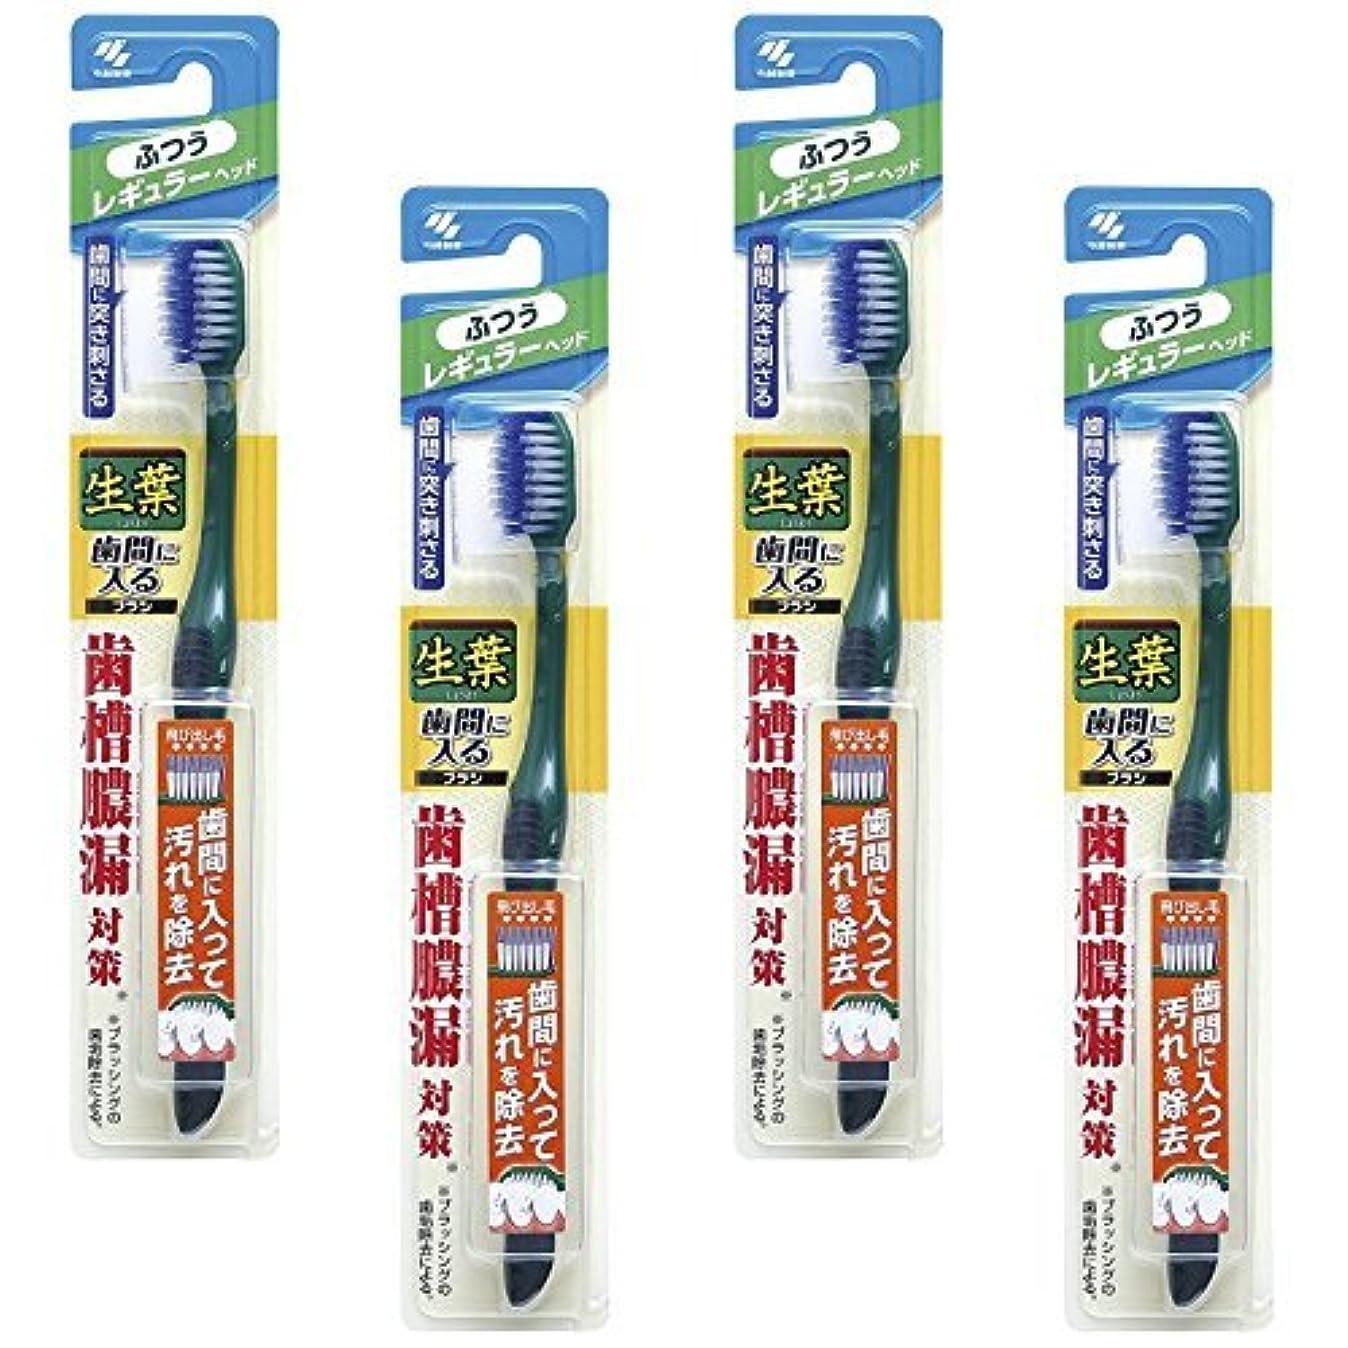 報酬の協定検索エンジンマーケティング【まとめ買い】生葉(しょうよう)歯間に入るブラシ 歯ブラシ レギュラー ふつう ×4個